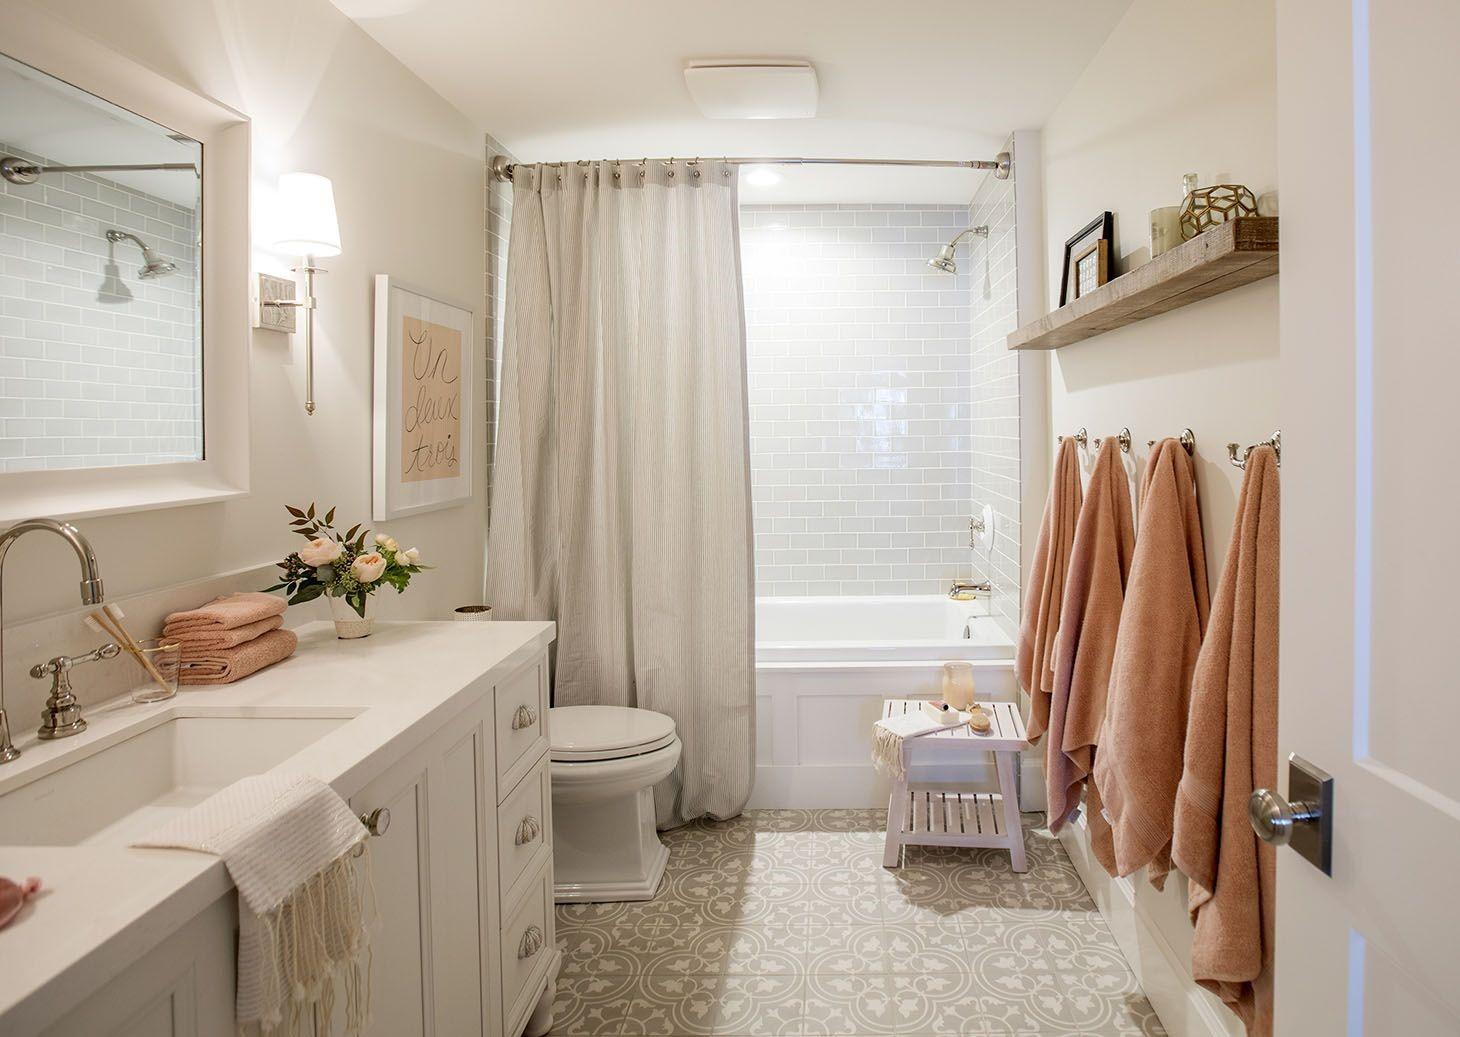 بازسازی سرویس بهداشتی منزل